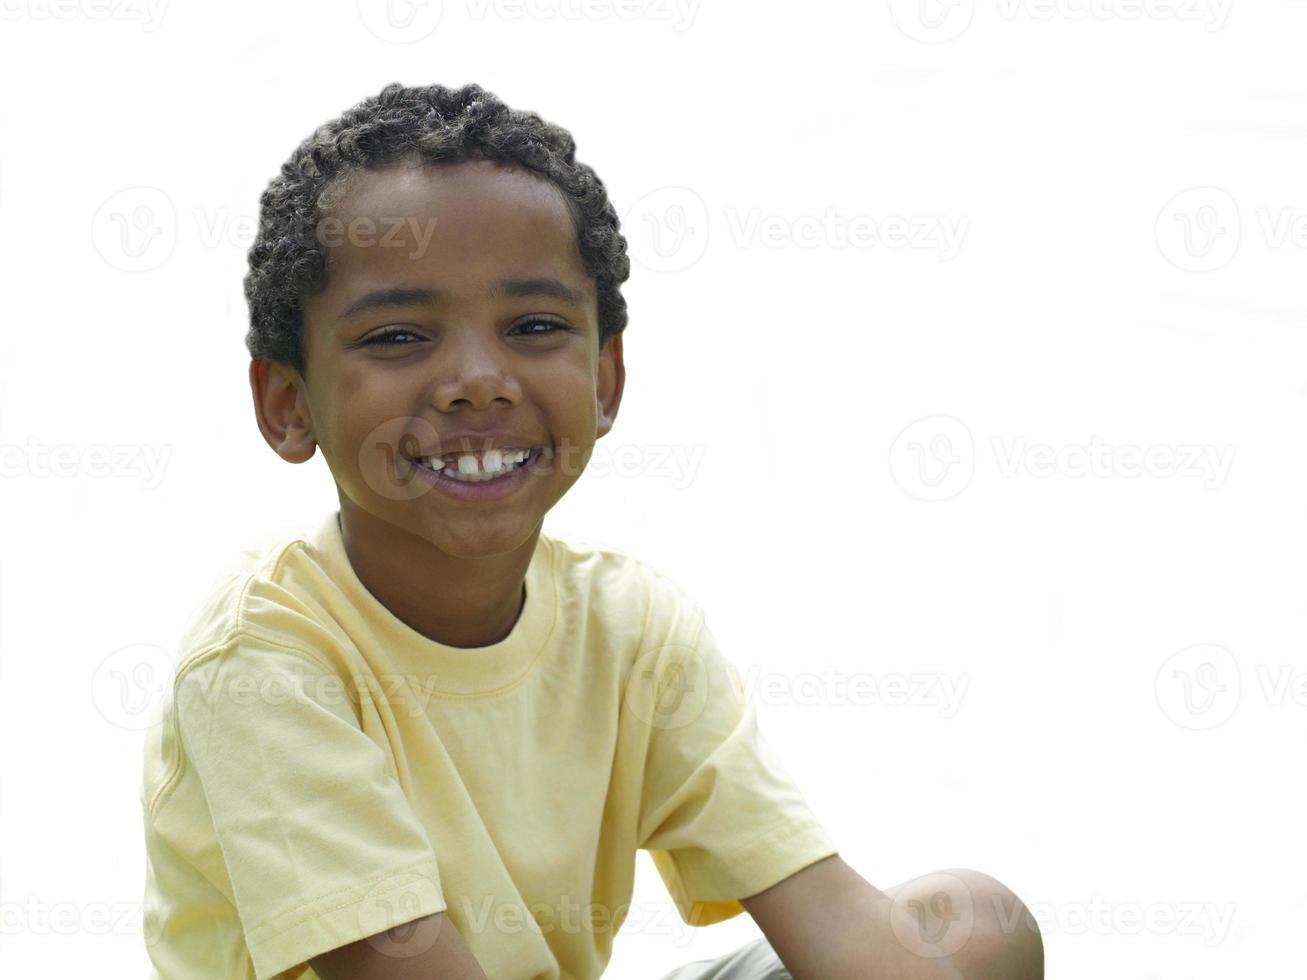 menino, sorrindo, retrato, cortar foto